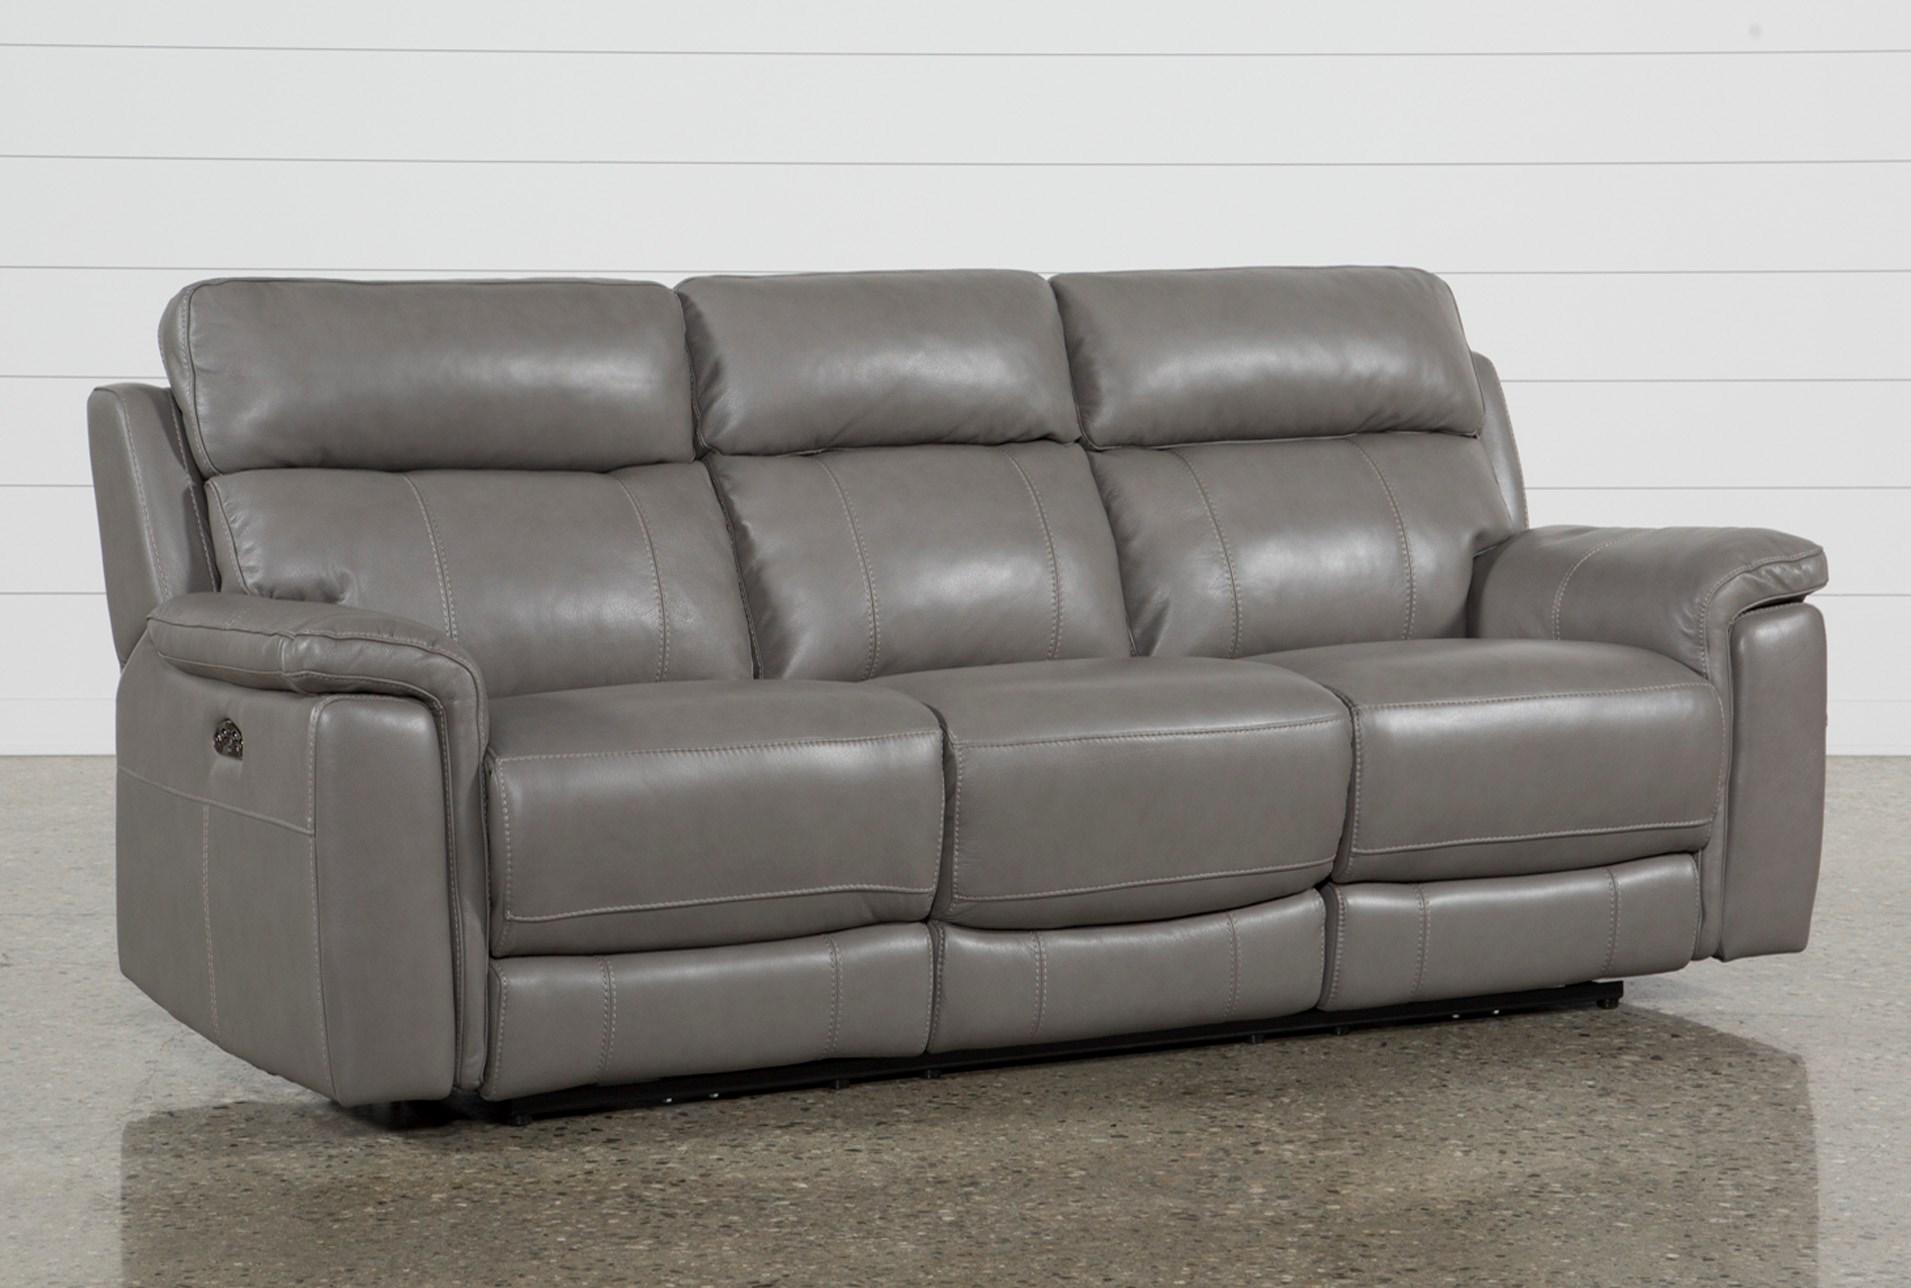 Dino Grey Leather Power Reclining Sofa W Power Headrest Usb